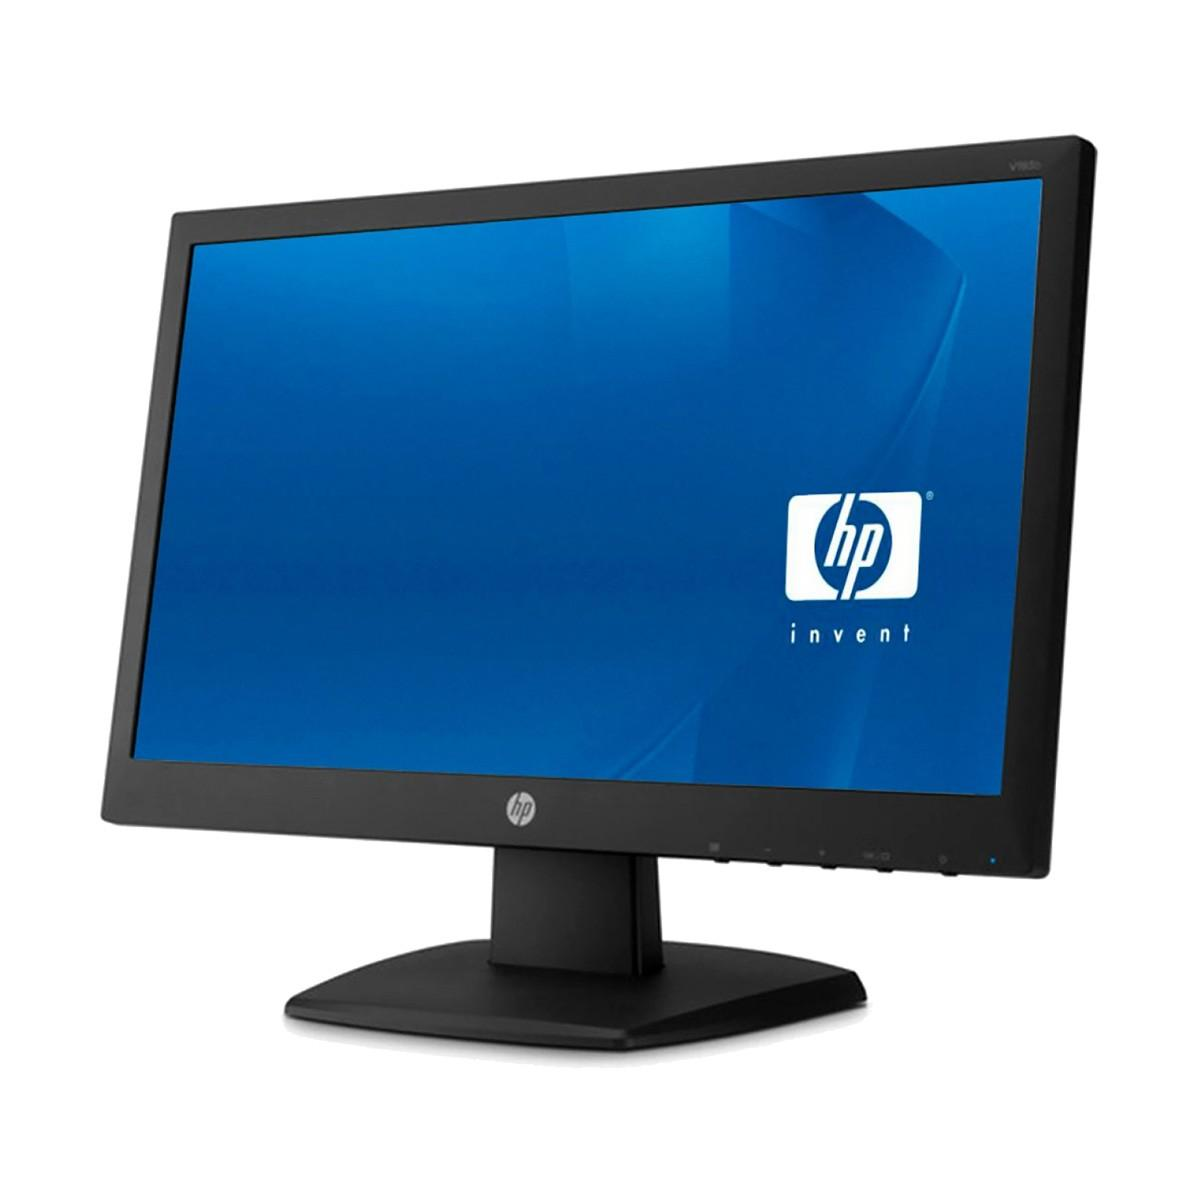 Màn hình vi tính HP 18,5 inch Wile LED – Bảo hành 36 tháng.